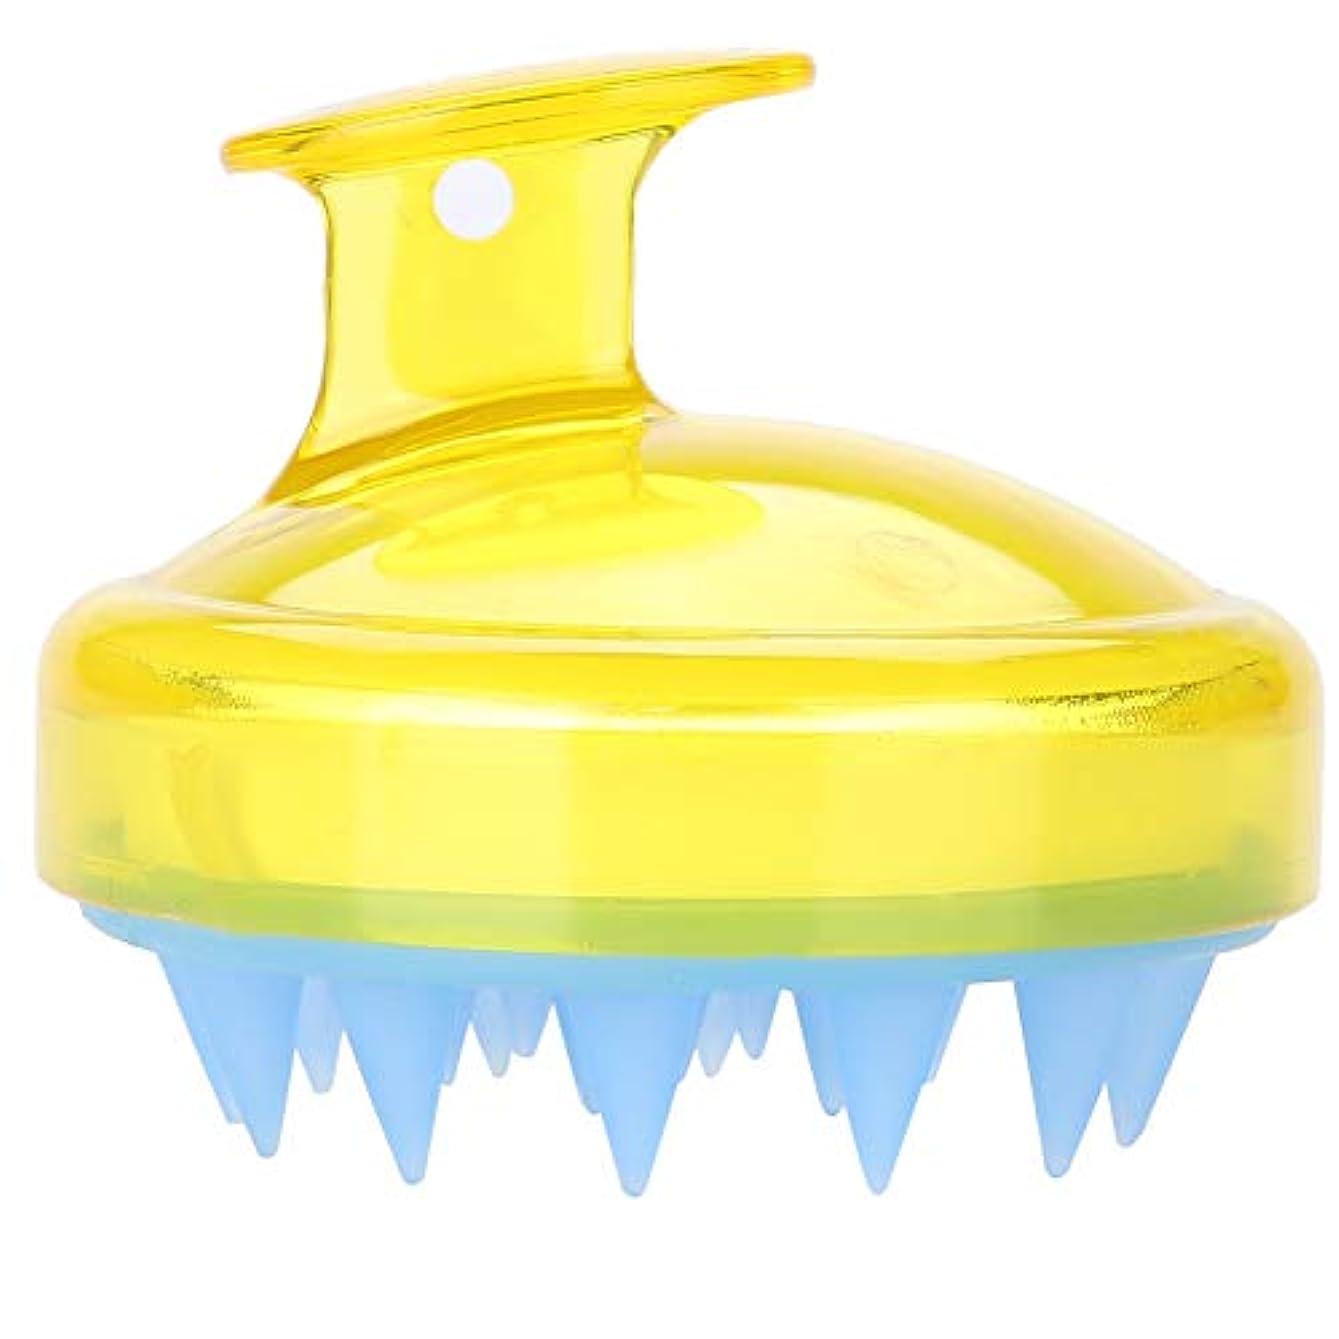 5色マッサージャーヘッド - スカルプマッサージャー、マッサージャーブラシヘッドシャンプー - ボディ洗浄マッサージャーのためのシャワーブラシ(黄)